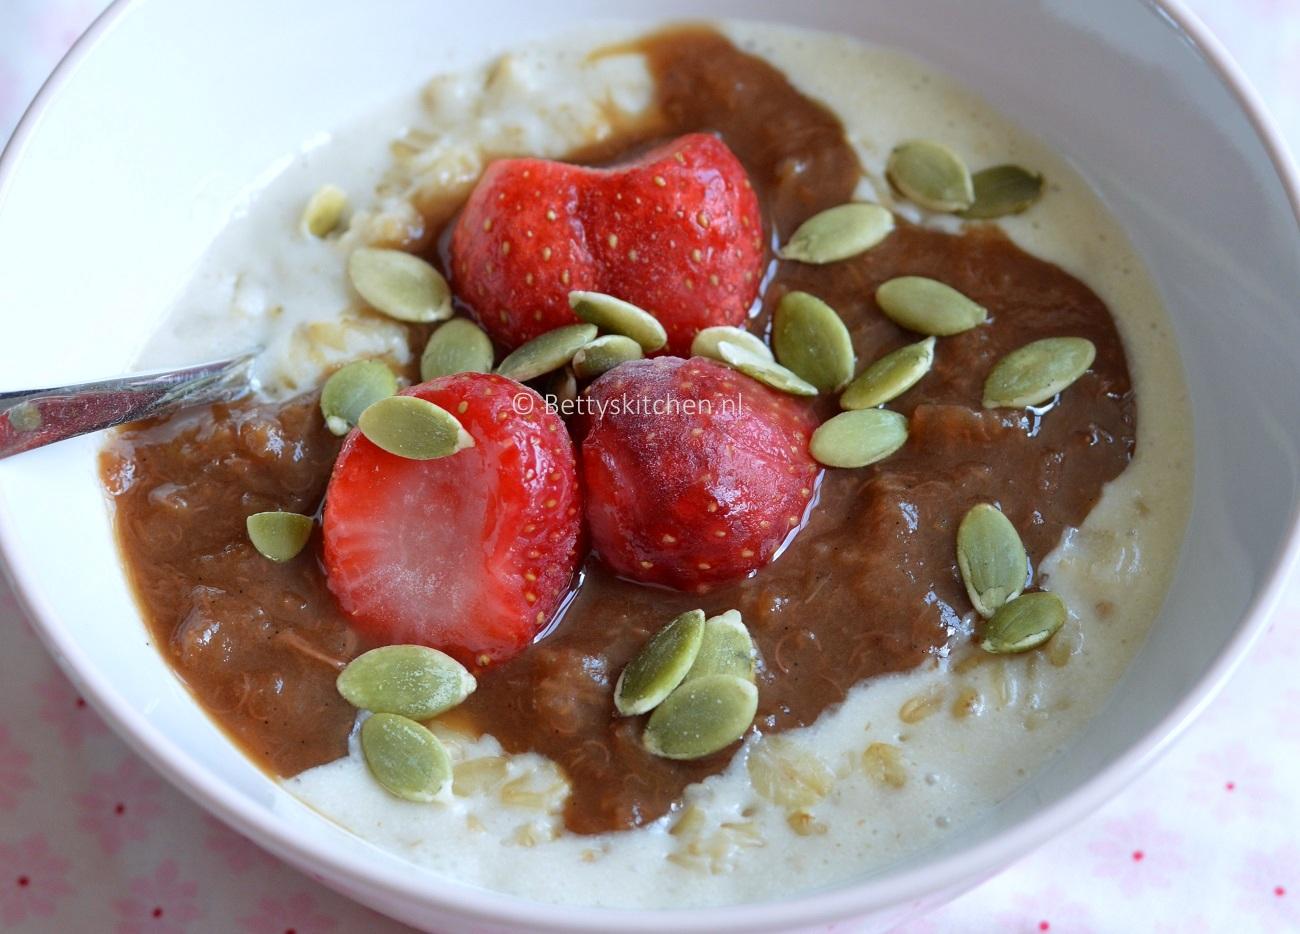 Havermoutpap met rabarber en aardbeien